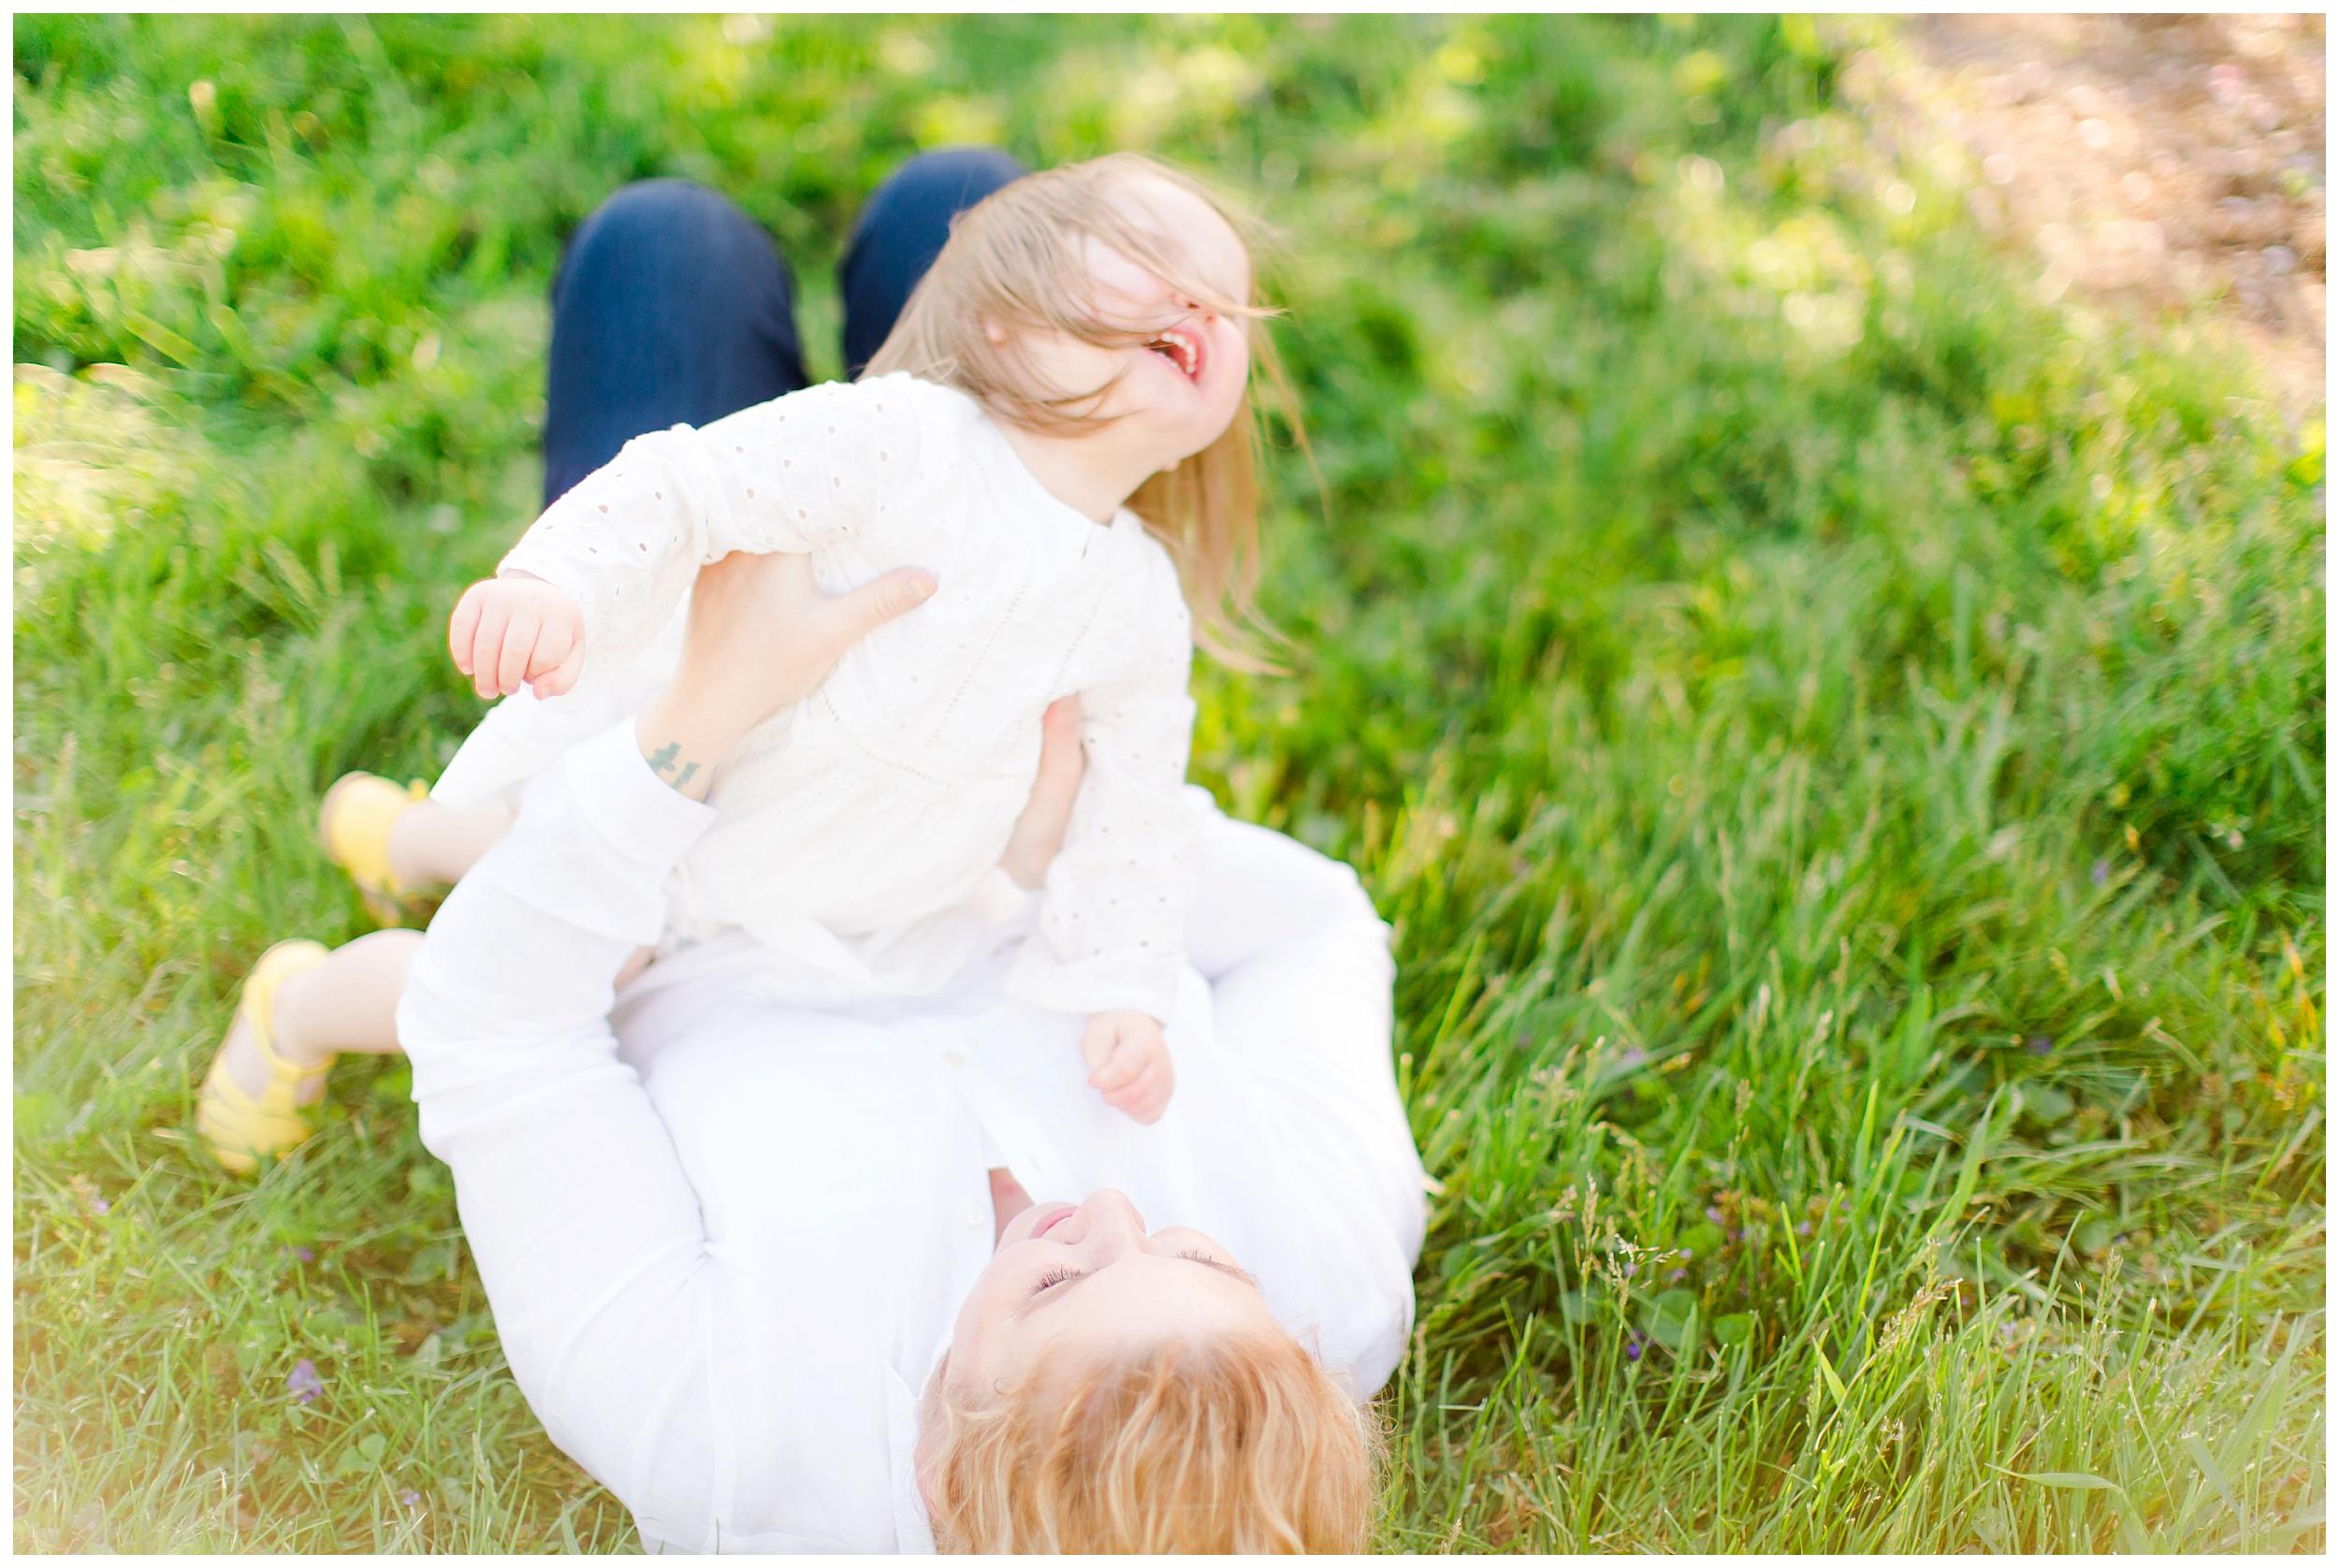 lexington-ky-family-lifestyle-photos-by-priscilla-baierlein_0223.jpg